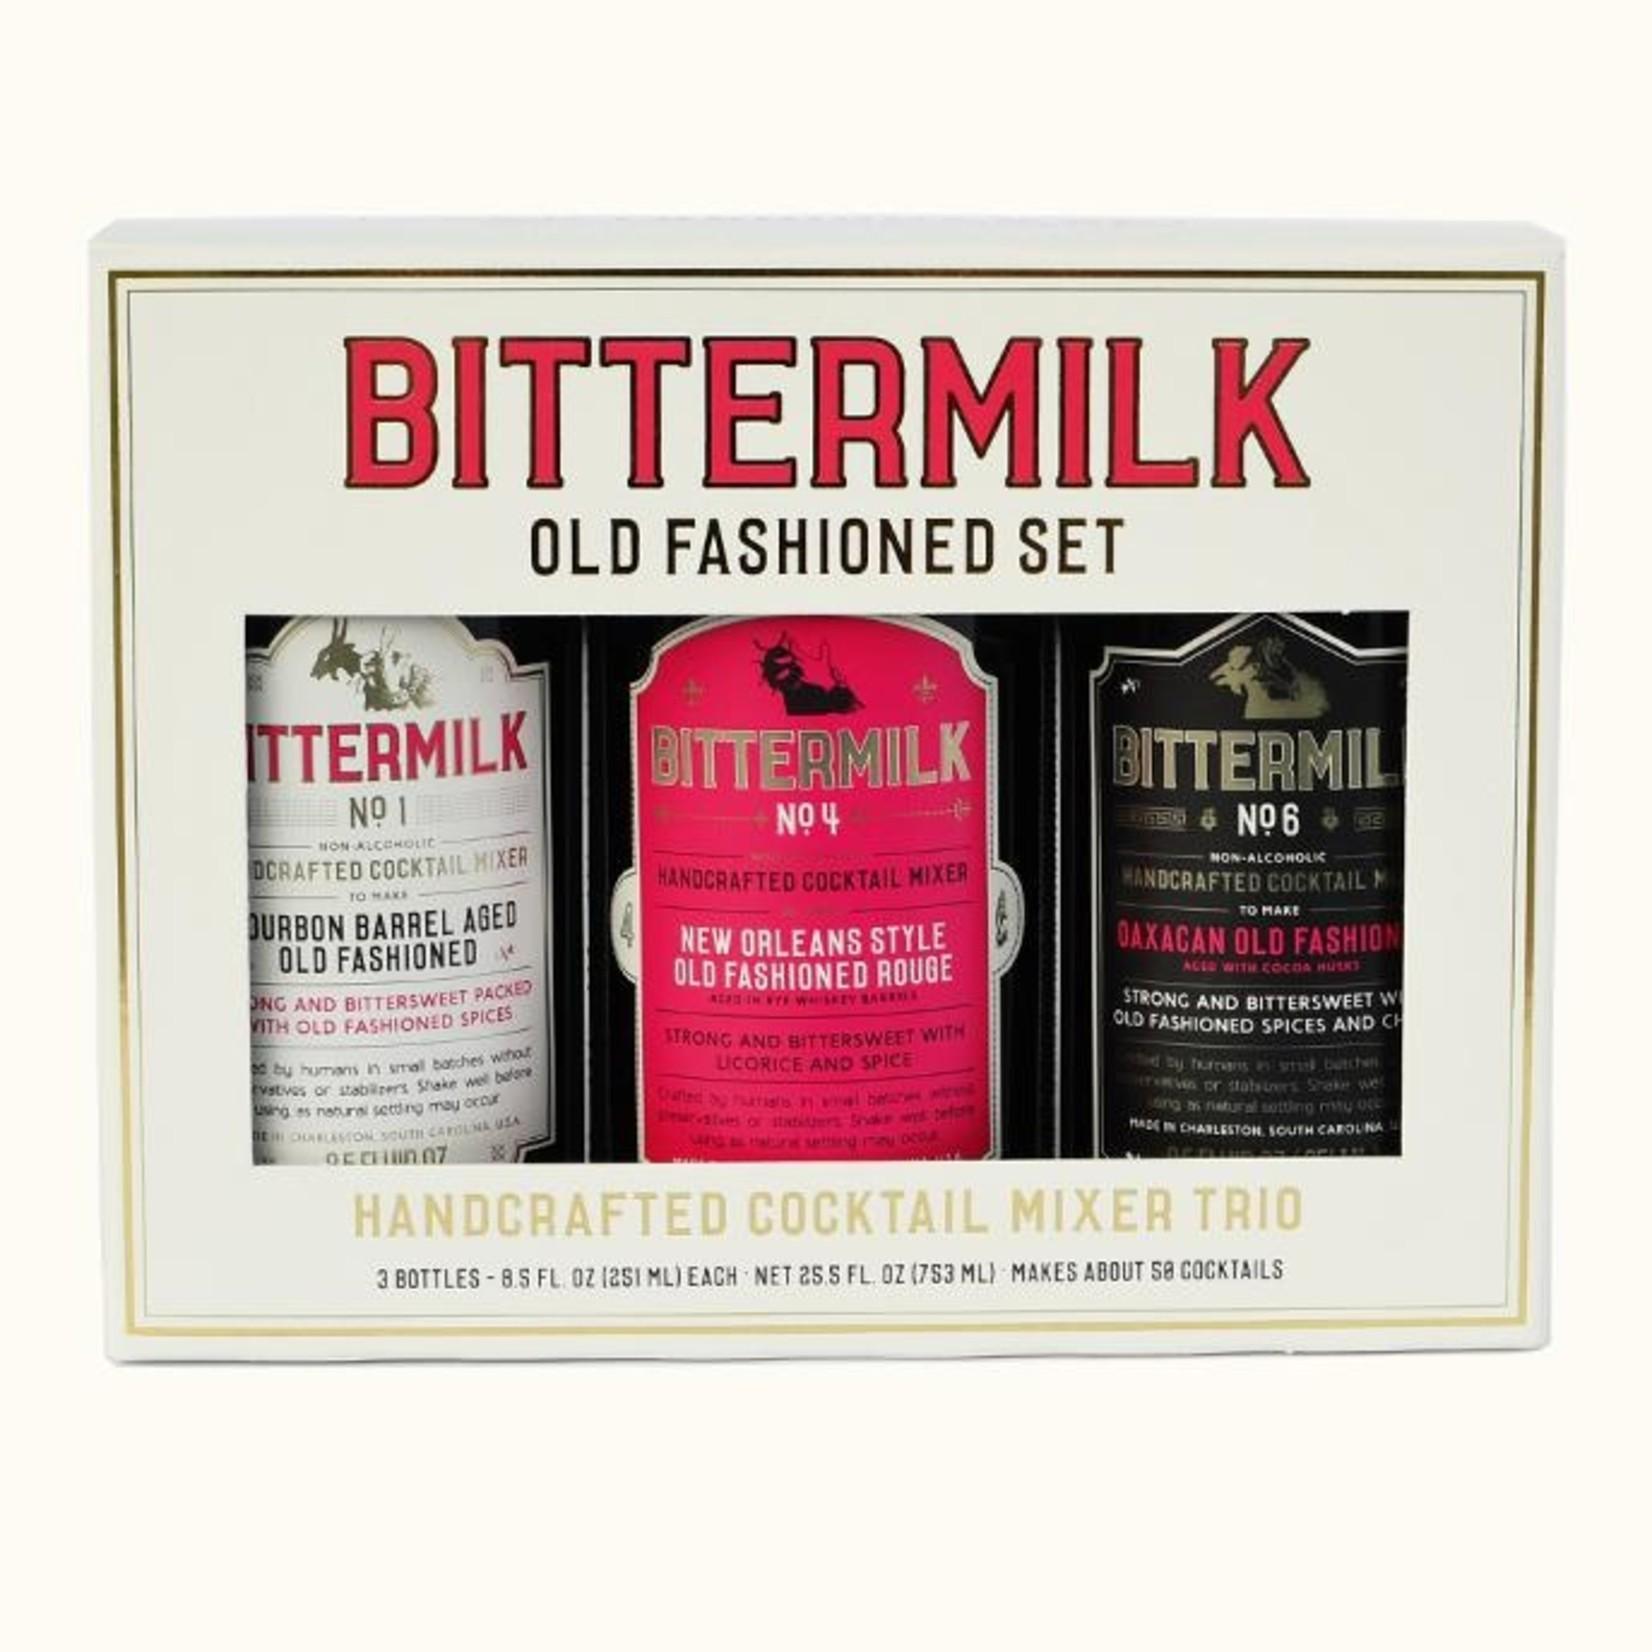 Bittermilk Old Fashioned Set